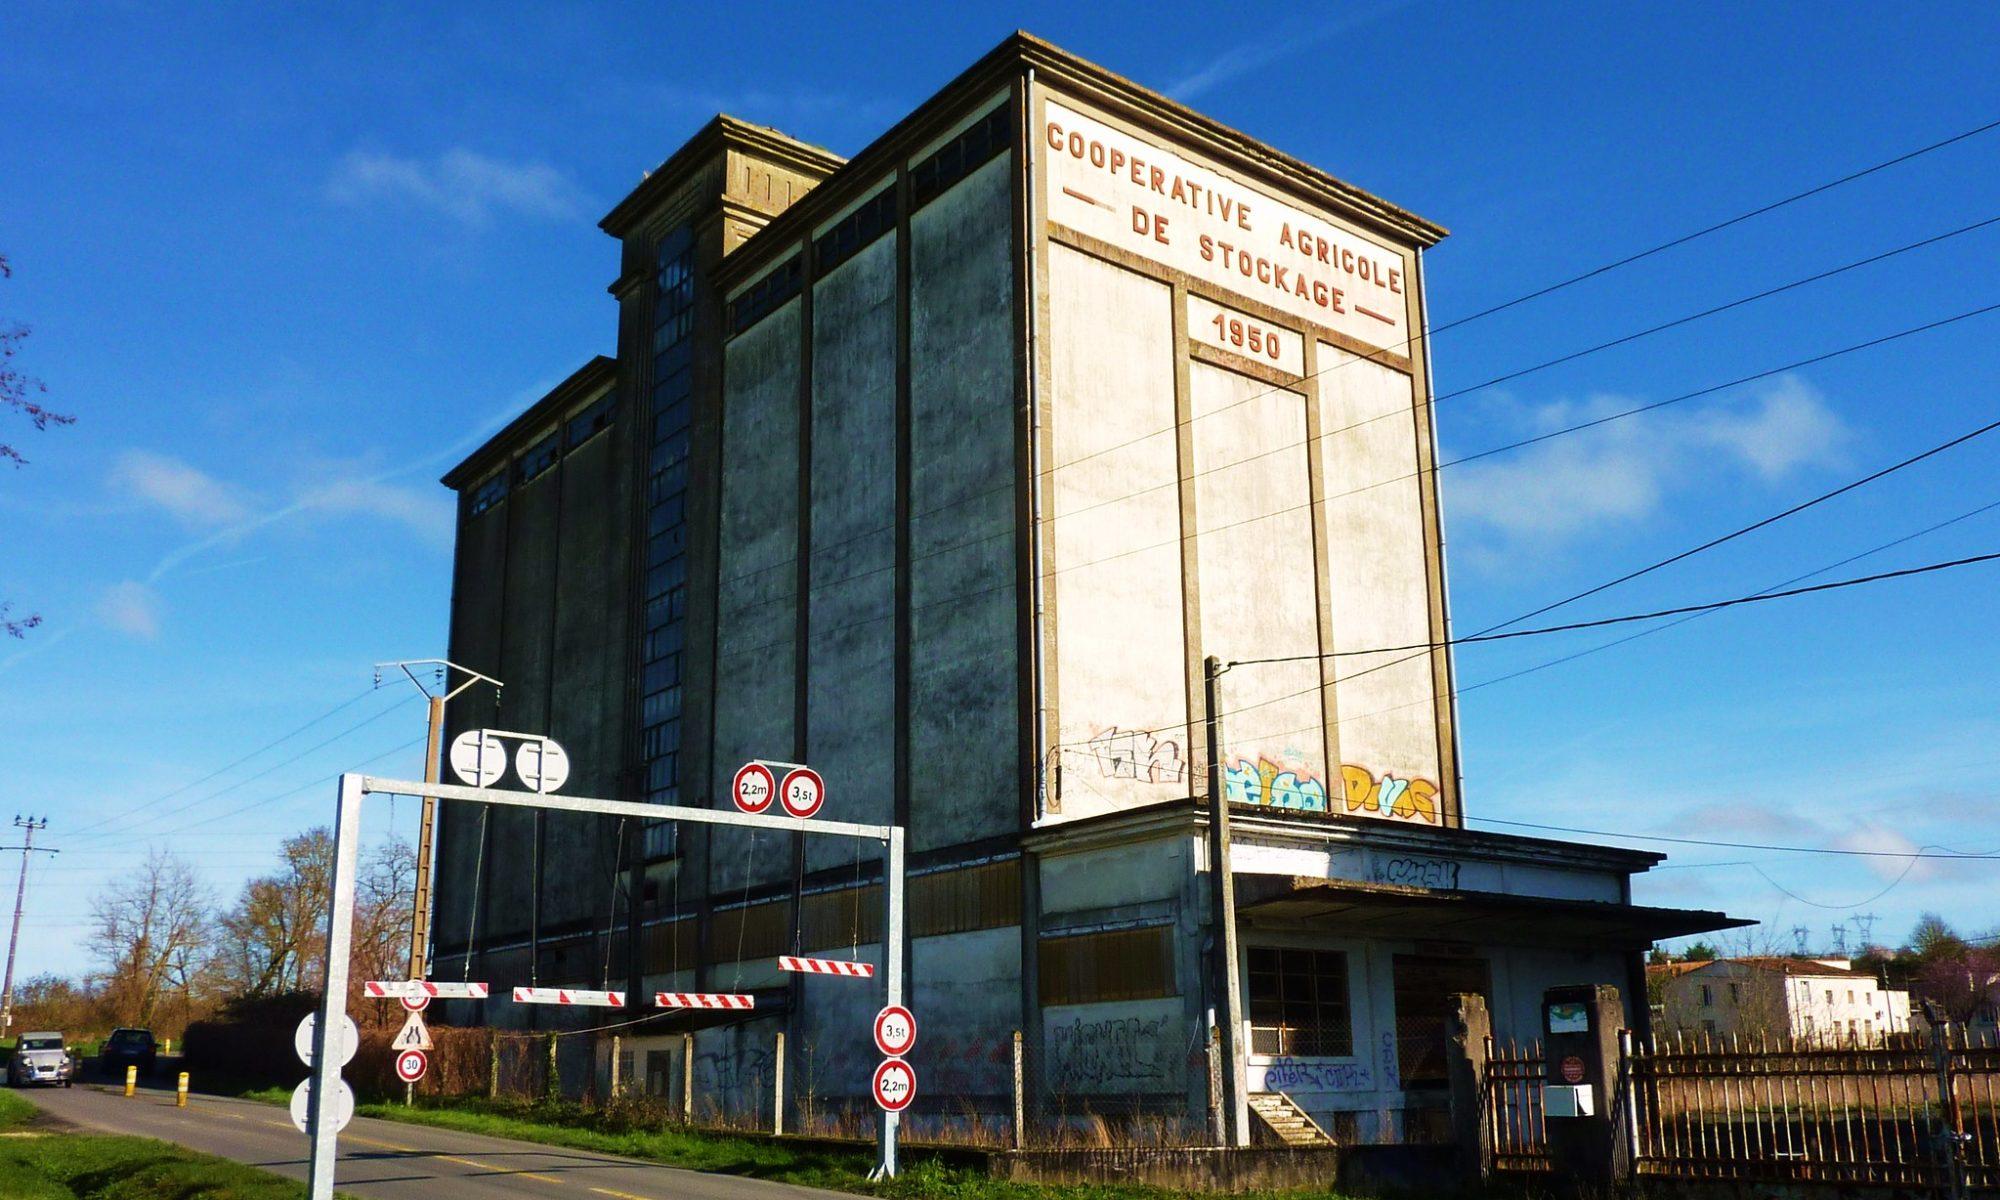 Saintes, ancienne coopérative agricole, CC-by-nc-nd par Thierry Llansades https://flic.kr/p/msM1mk